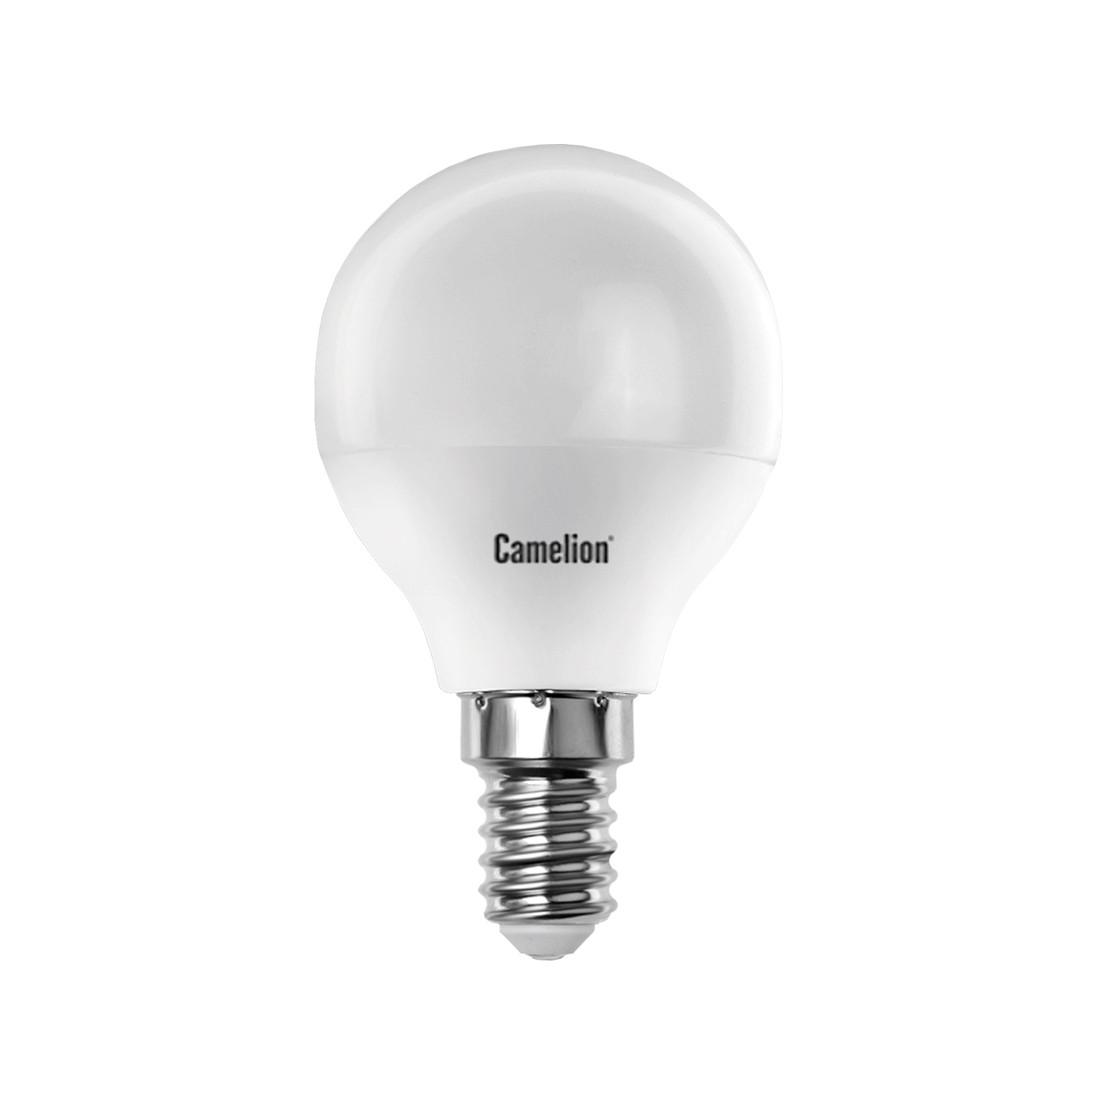 Эл. лампа Светодиодная  Camelion  LED7-G45/830/E14